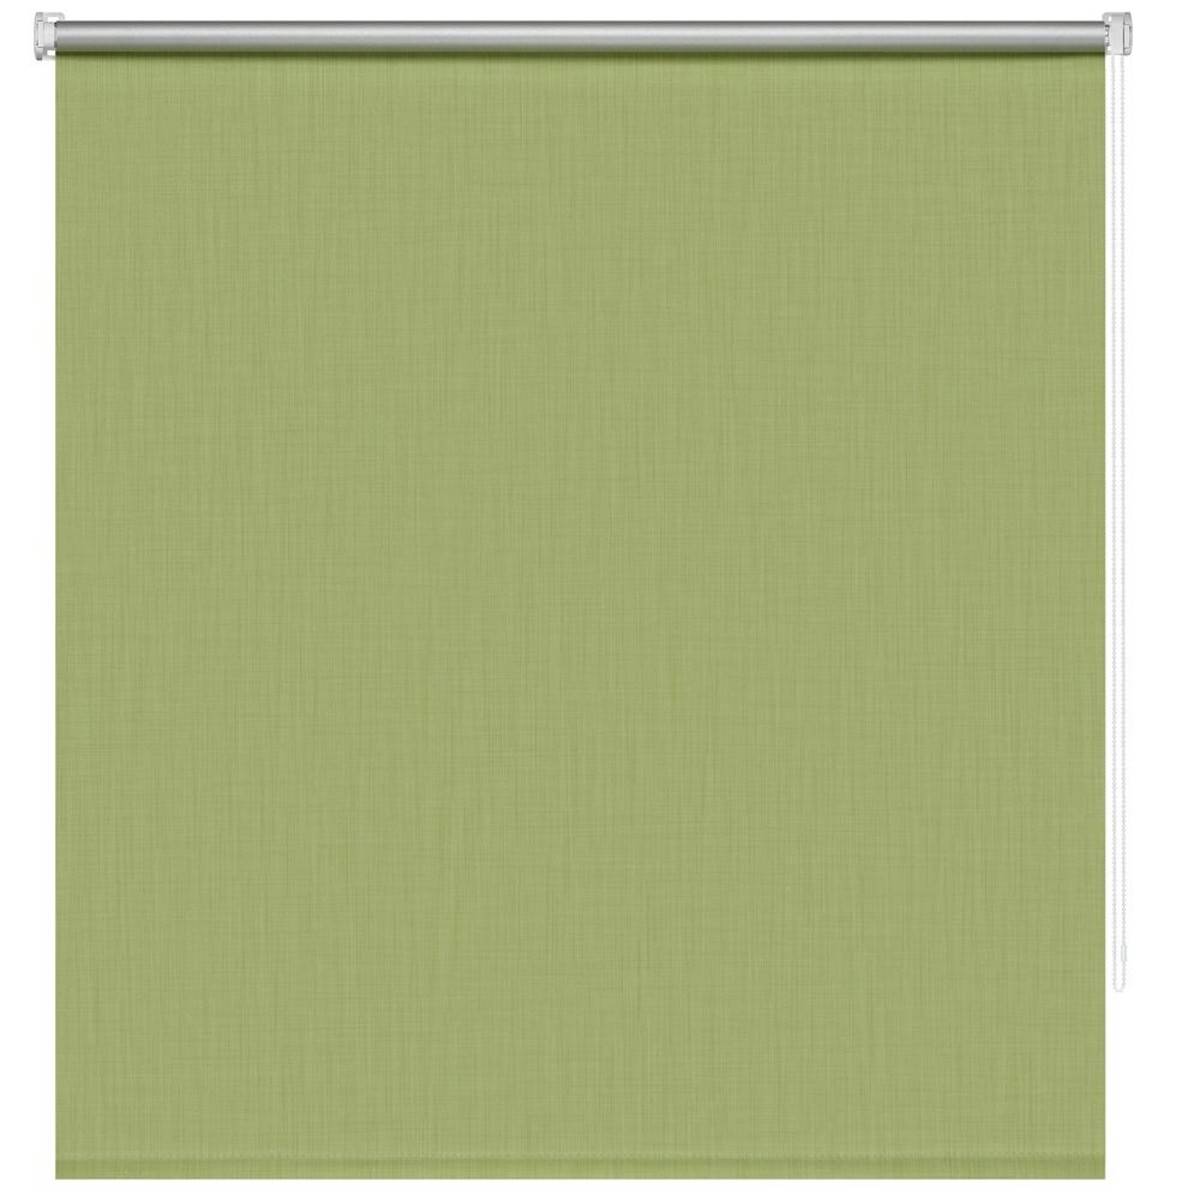 Рулонная Ора Decofest Блэкаут Селия 70Х160 Цвет Зеленый